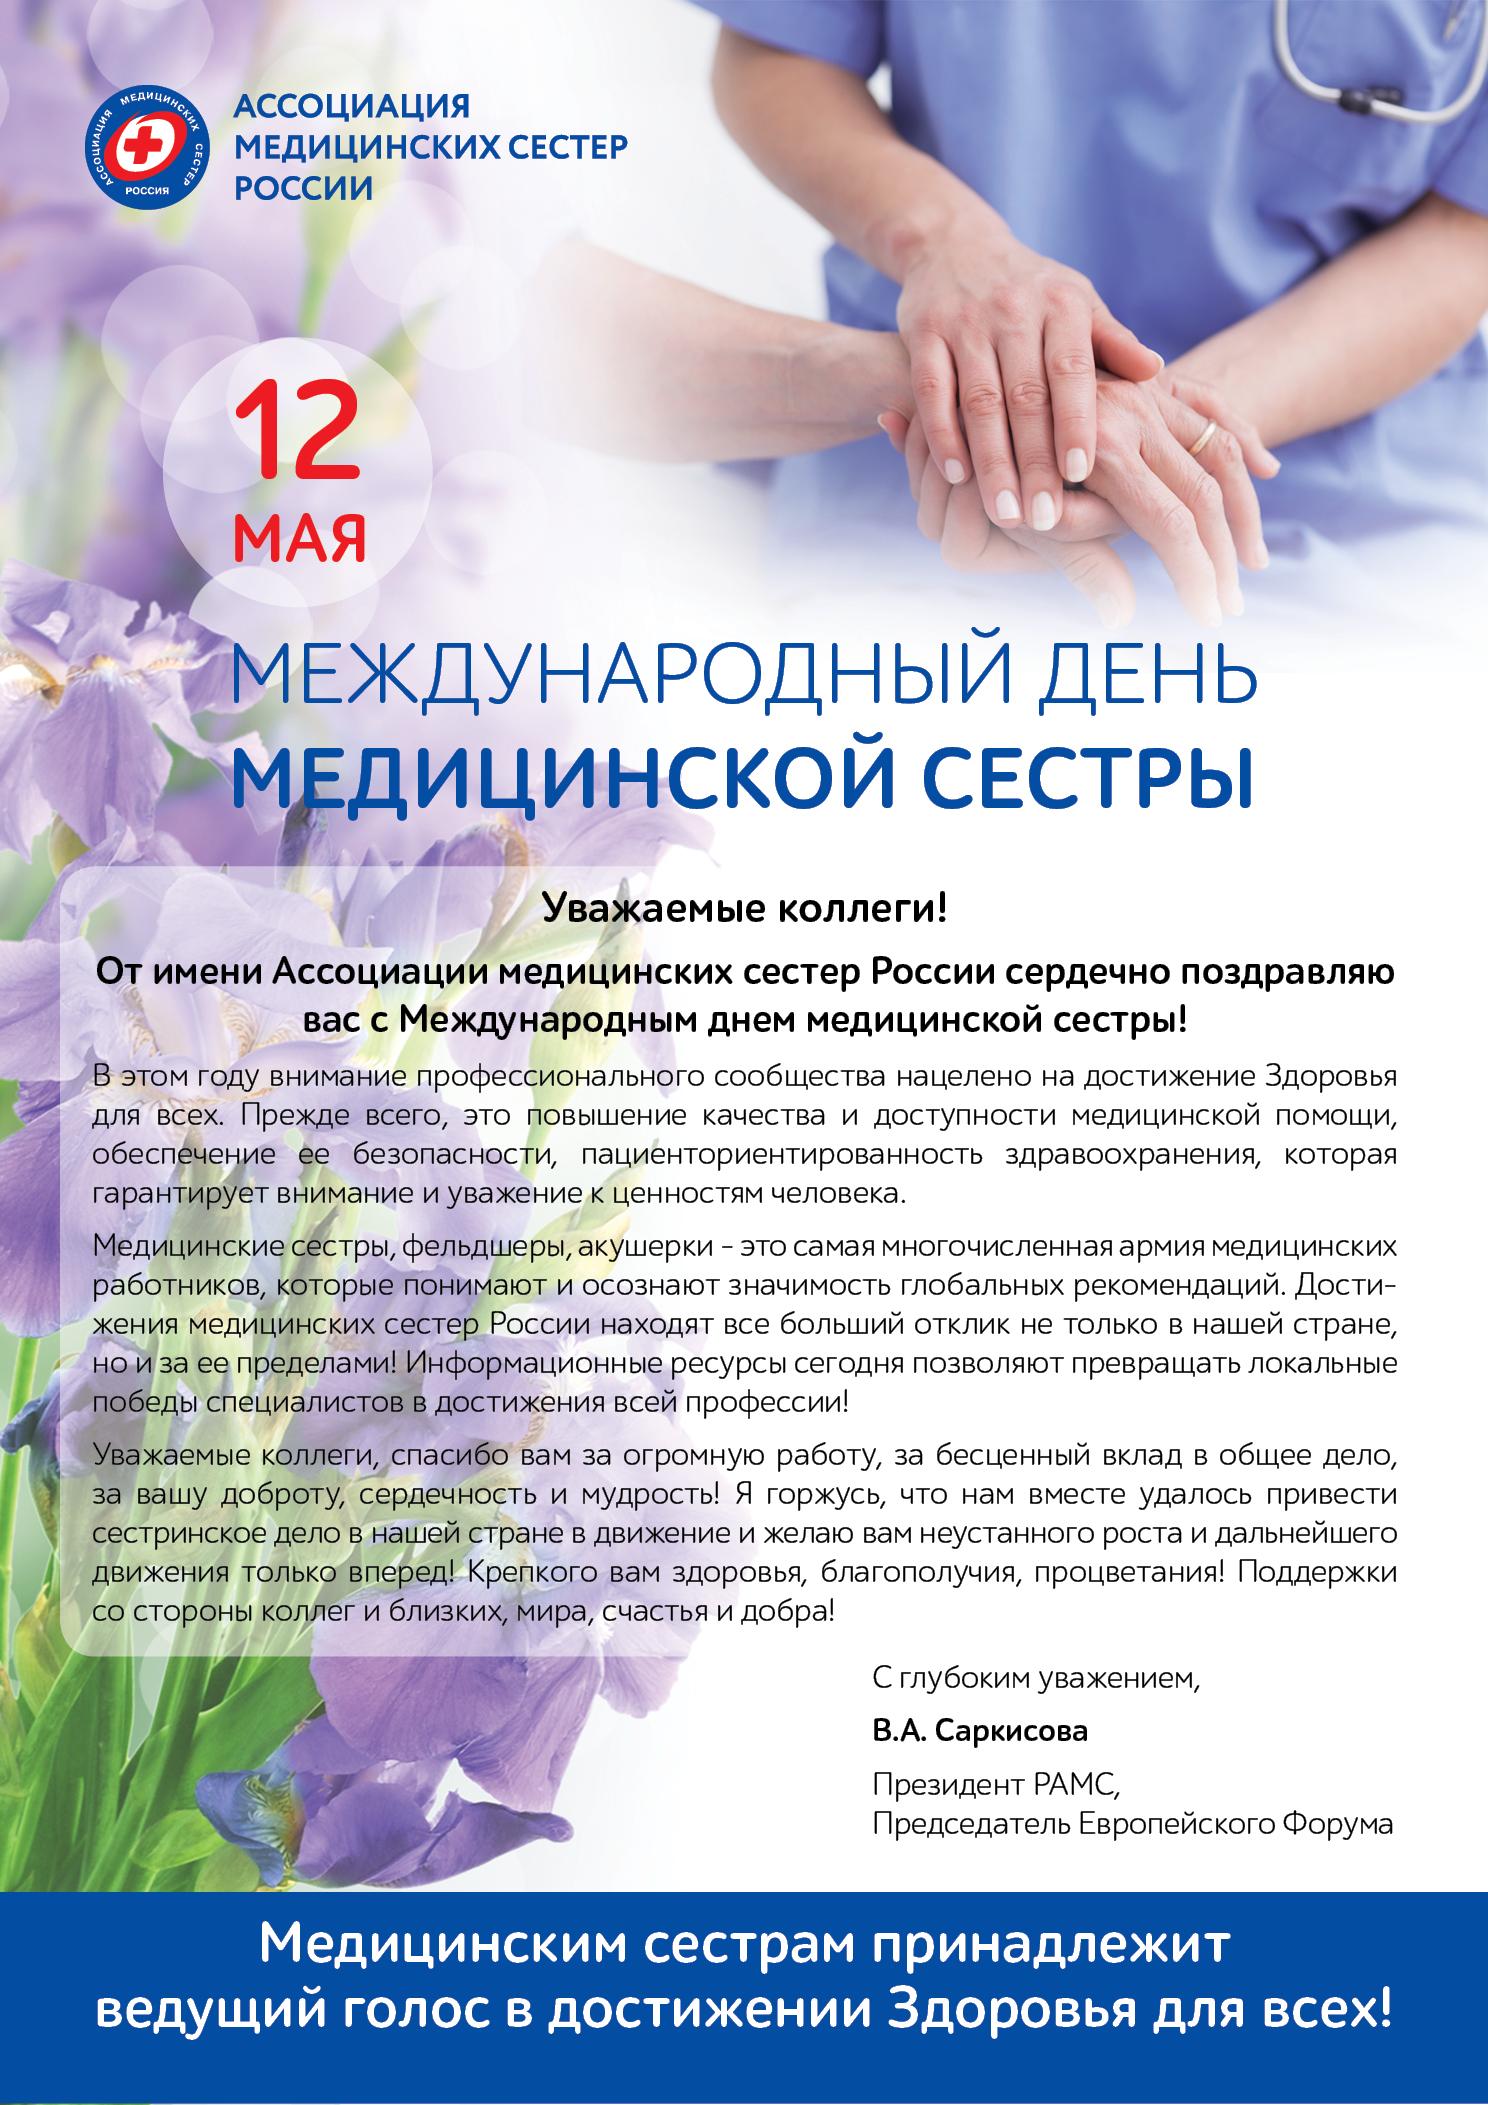 Международный день медицинской сестры 2019